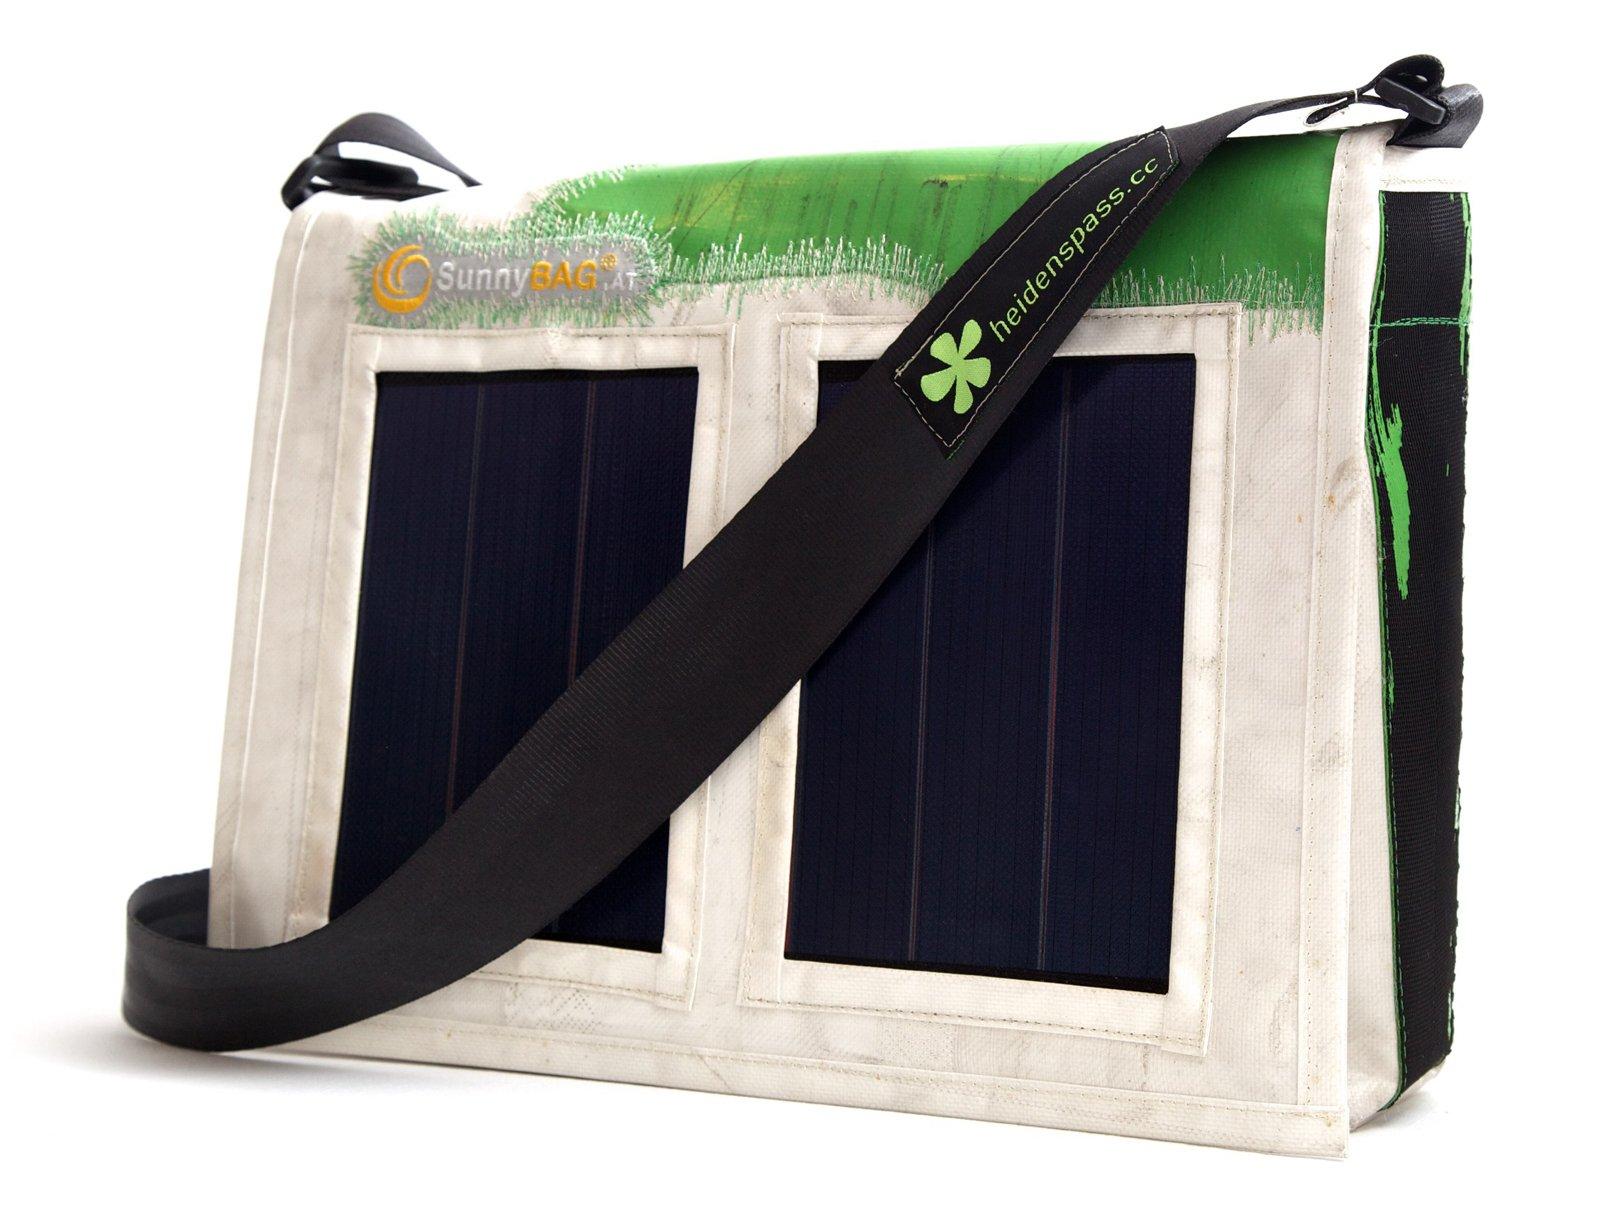 Fotovoltaico formato pocket cose di casa